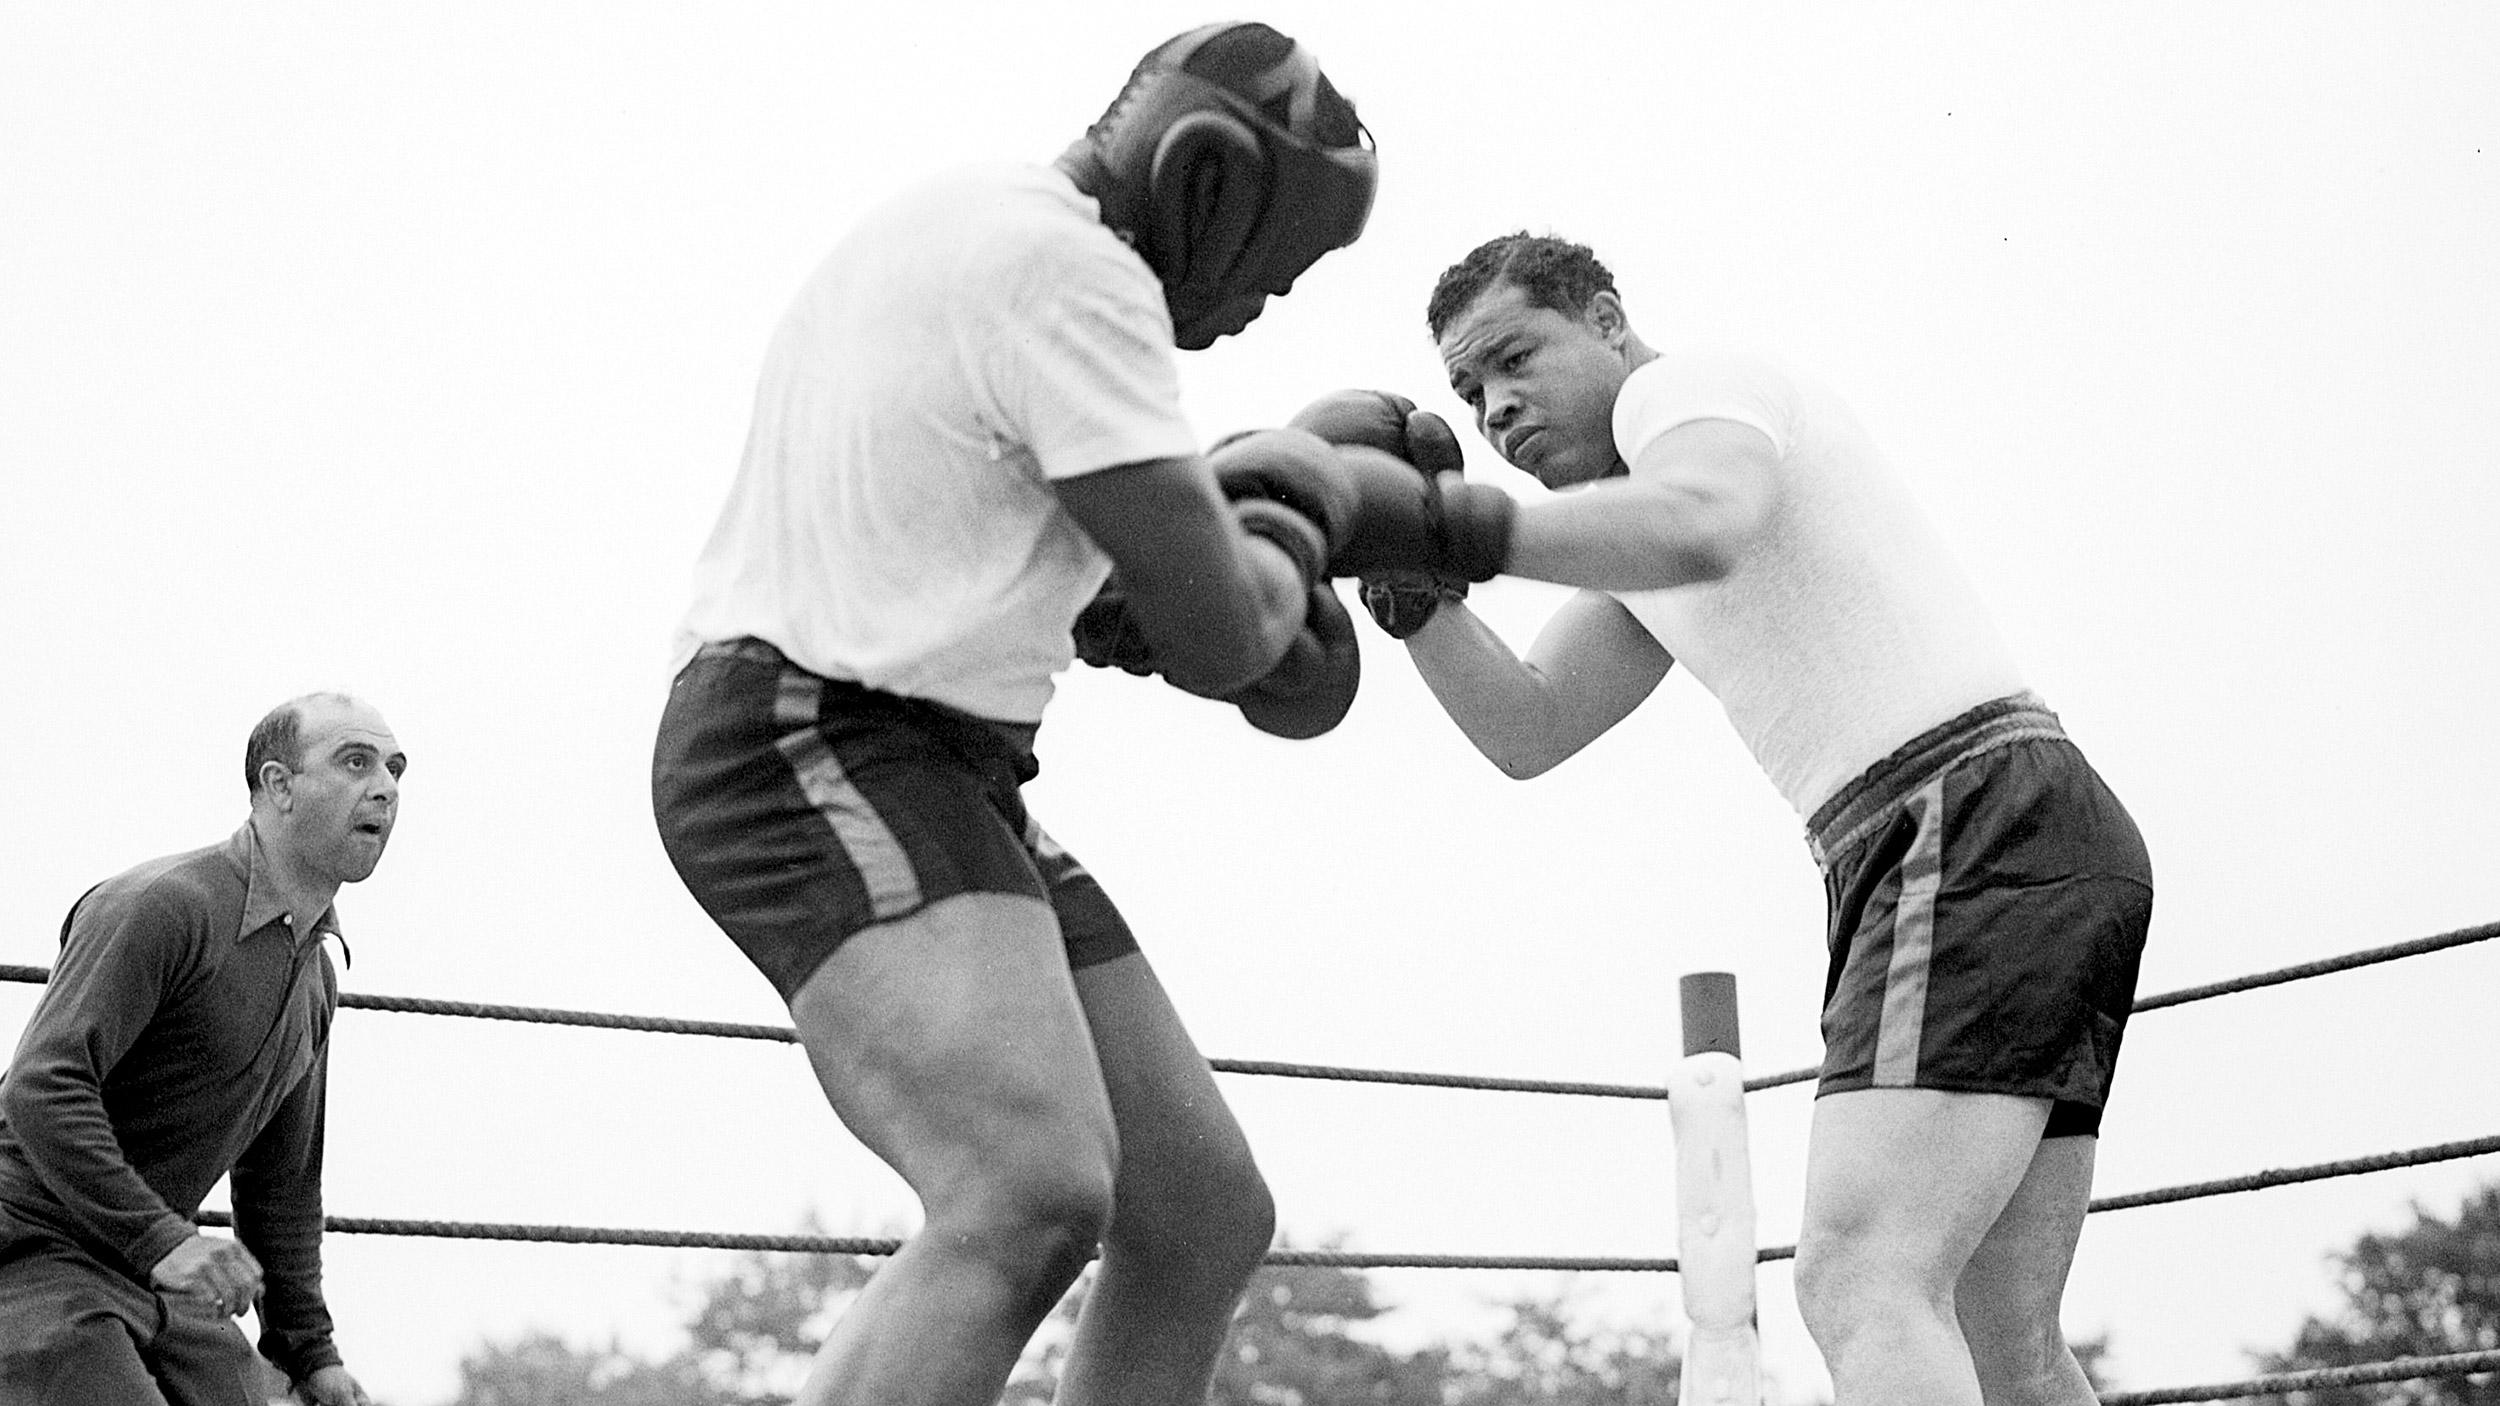 joe louis boxing sparring